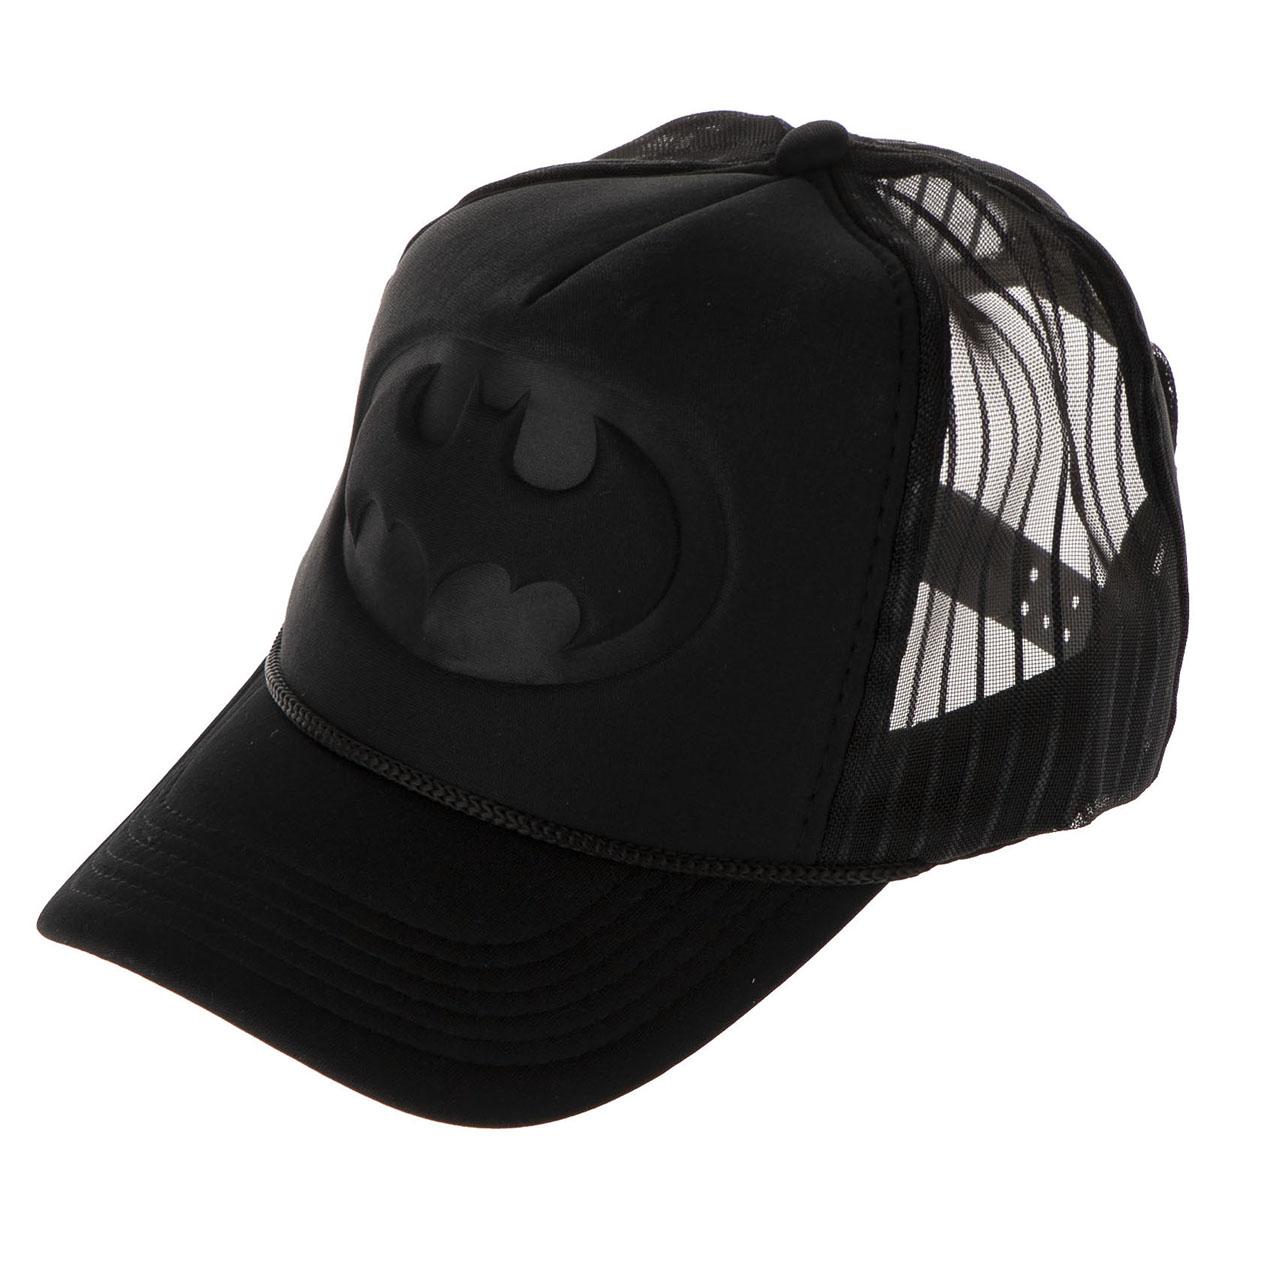 کلاه کپ مدل lk12